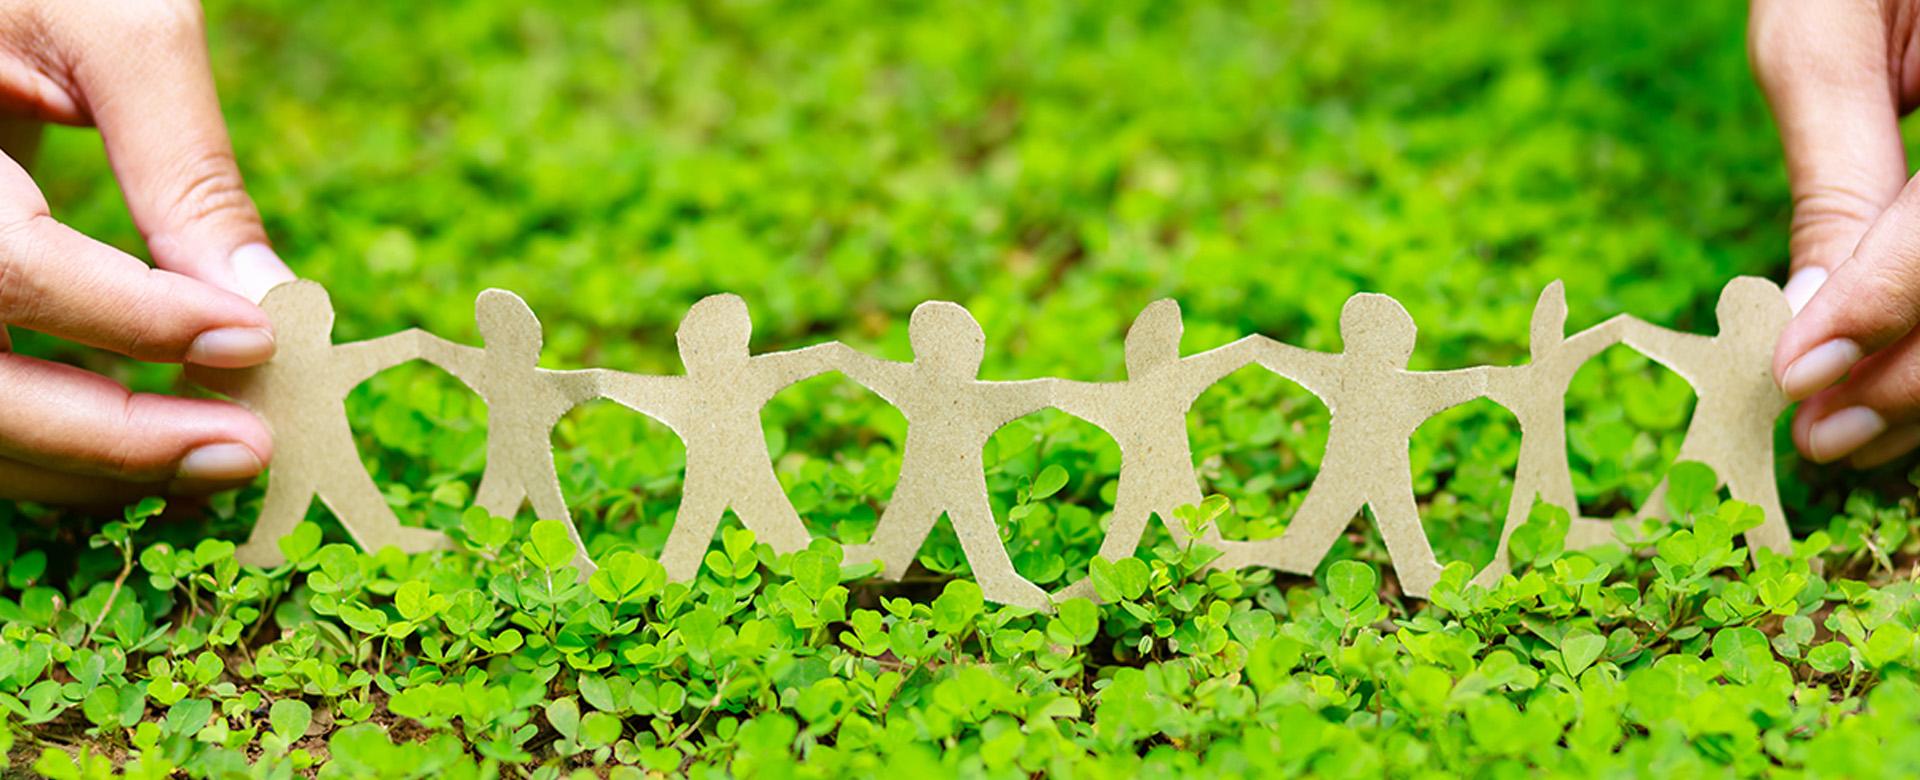 Agissons pour le développement durable